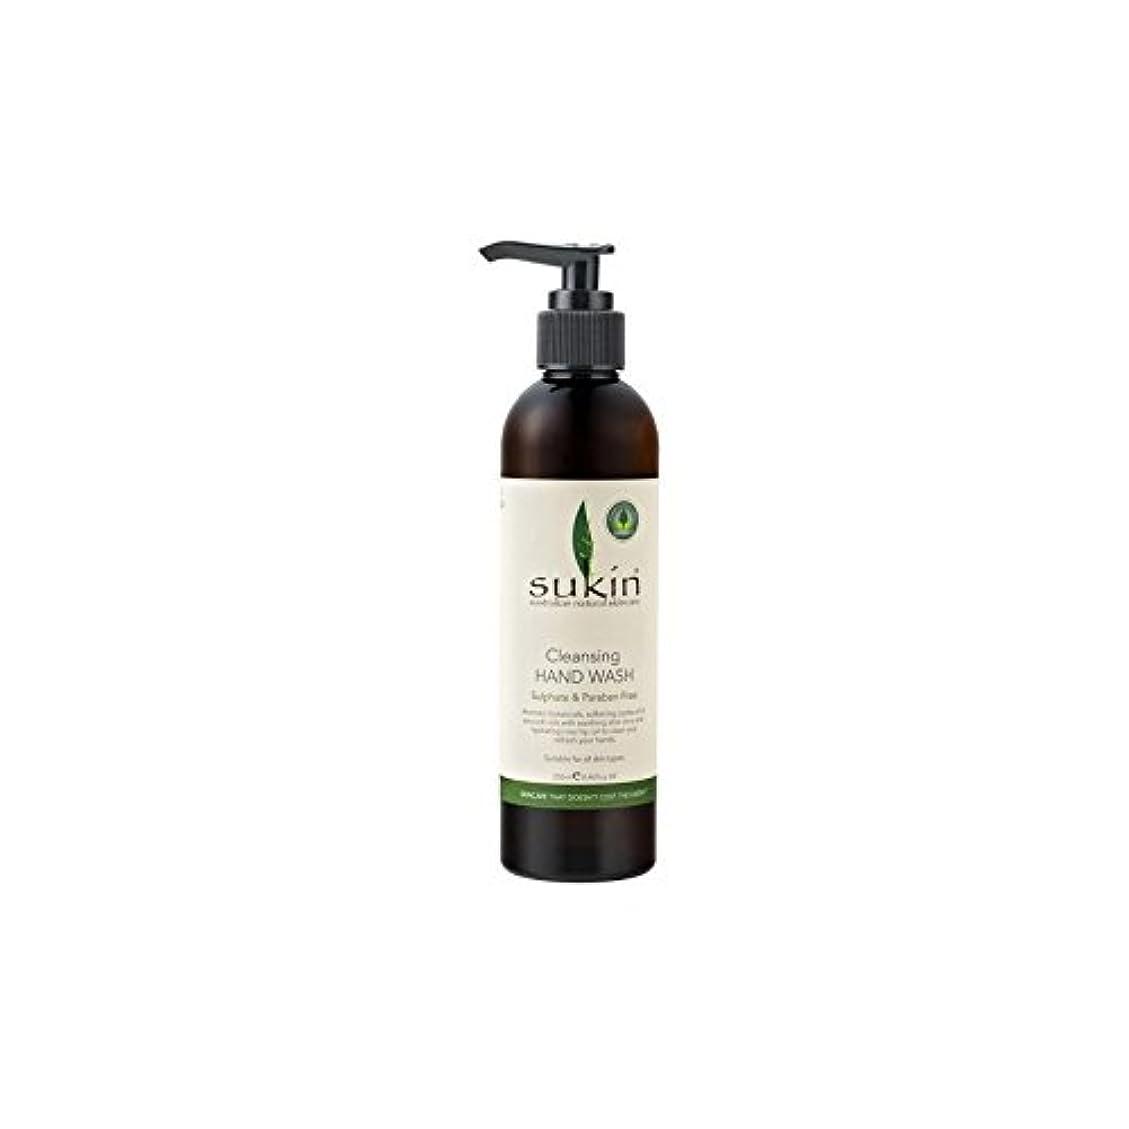 再編成する防衛ウミウシSukin Cleansing Hand Wash (250ml) (Pack of 6) - クレンジングハンドウォッシュ(250ミリリットル) x6 [並行輸入品]